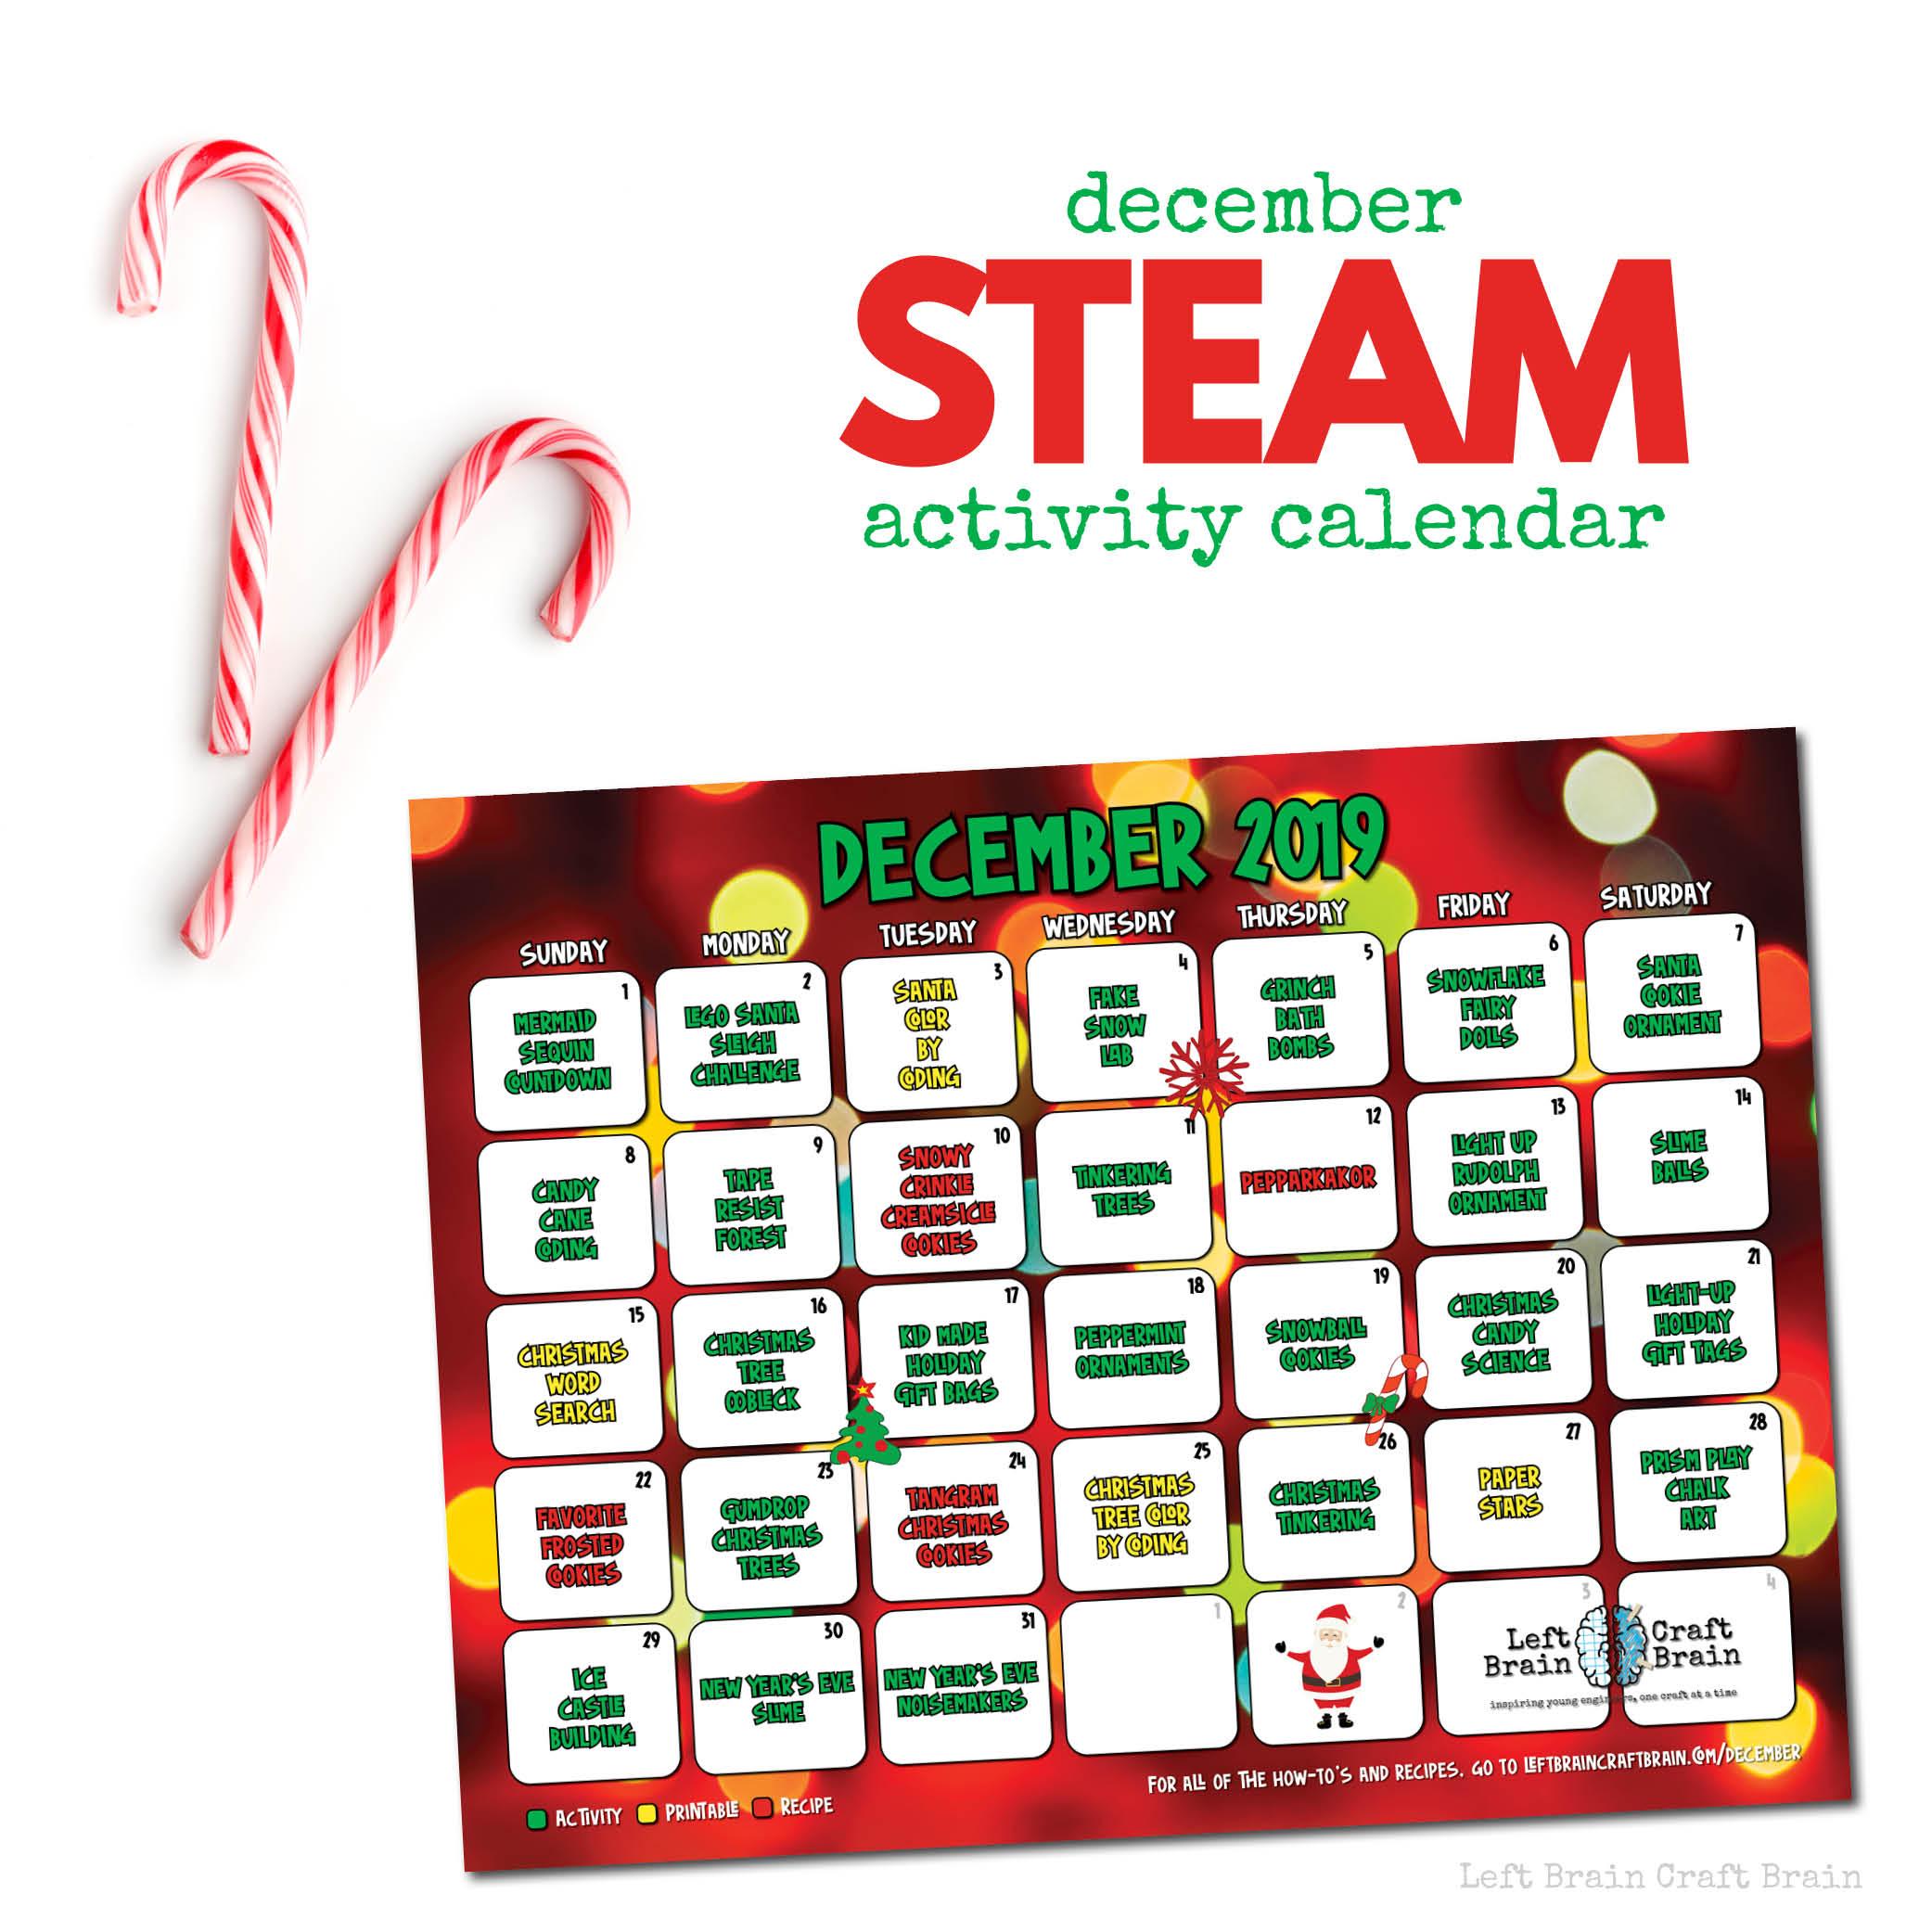 December STEAM Activity Calendar 1000x1000 v2